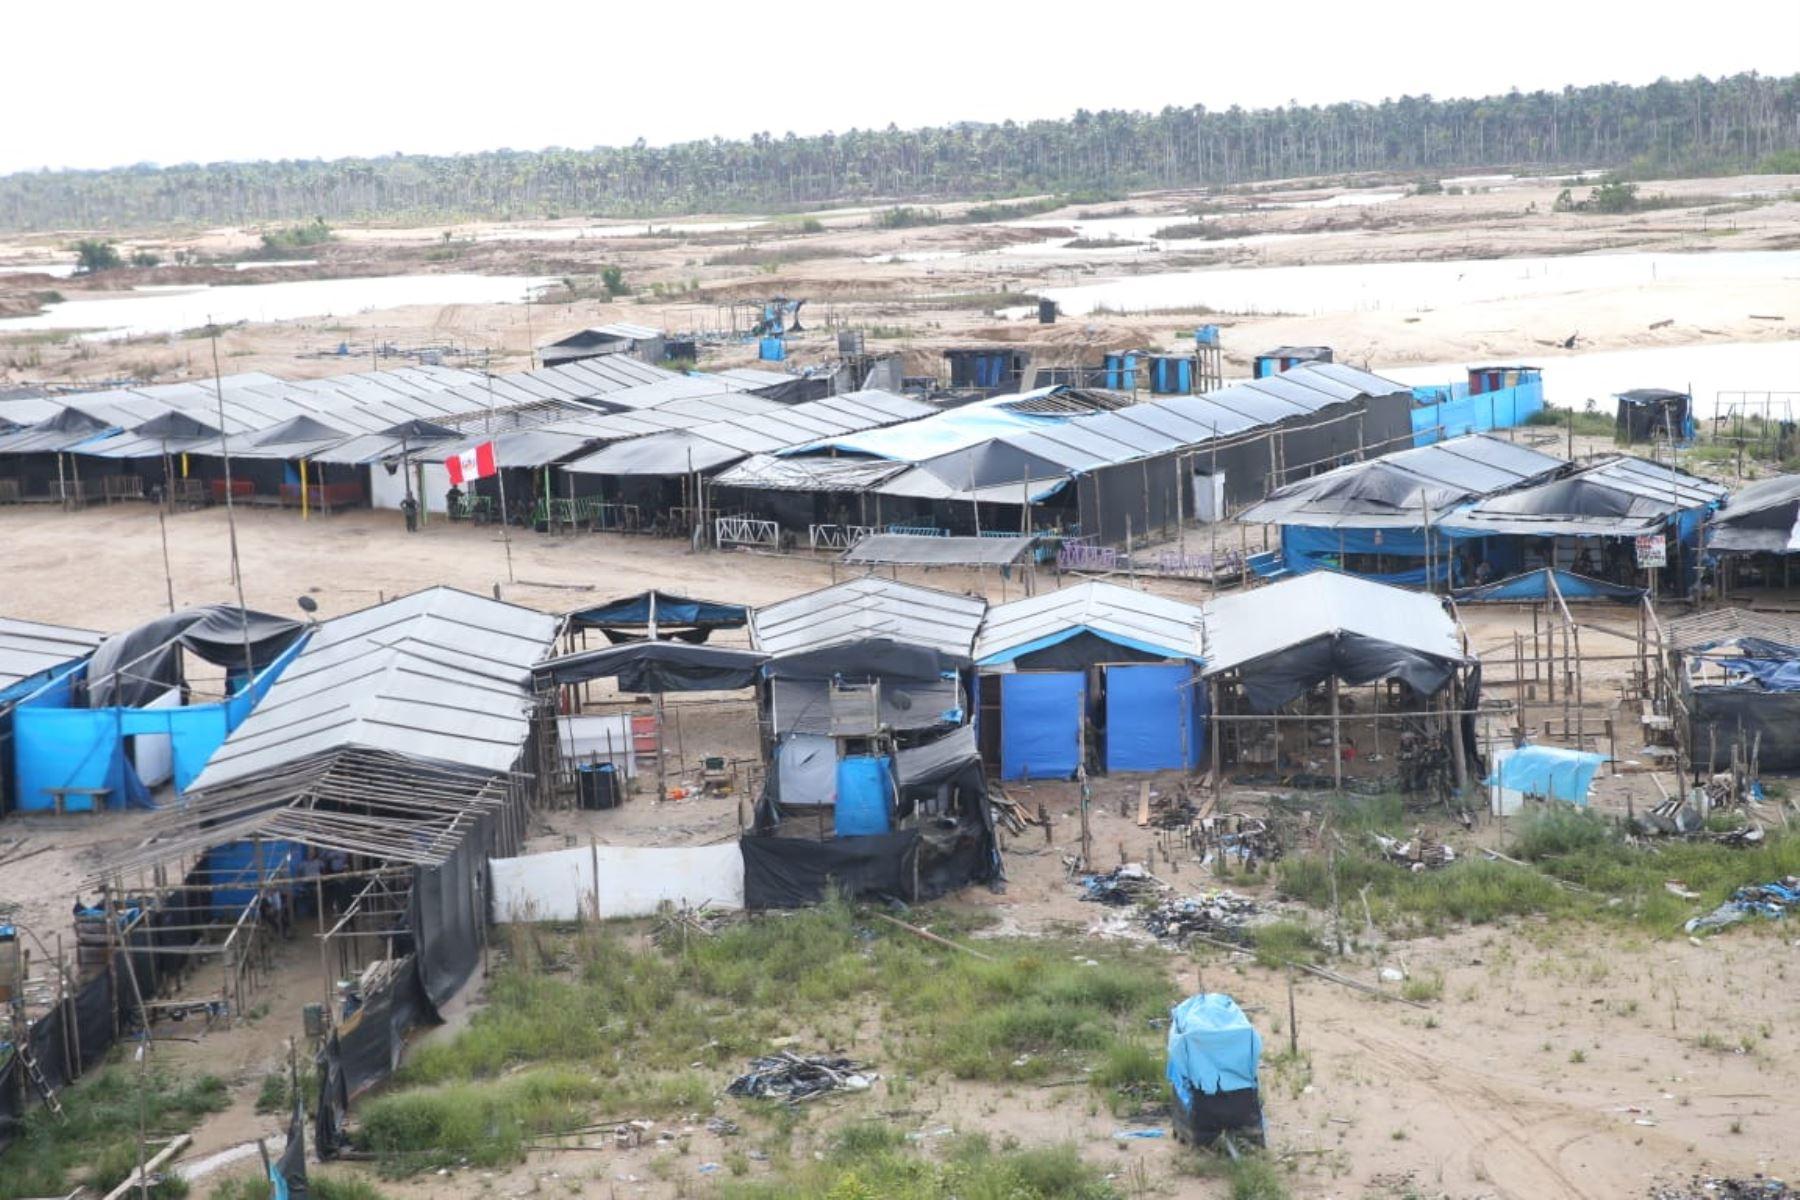 La Pampa, sector de Madre de Dios donde operan la minería ilegal y las mafias del crimen organizado. ANDINA/Jhony Laurente